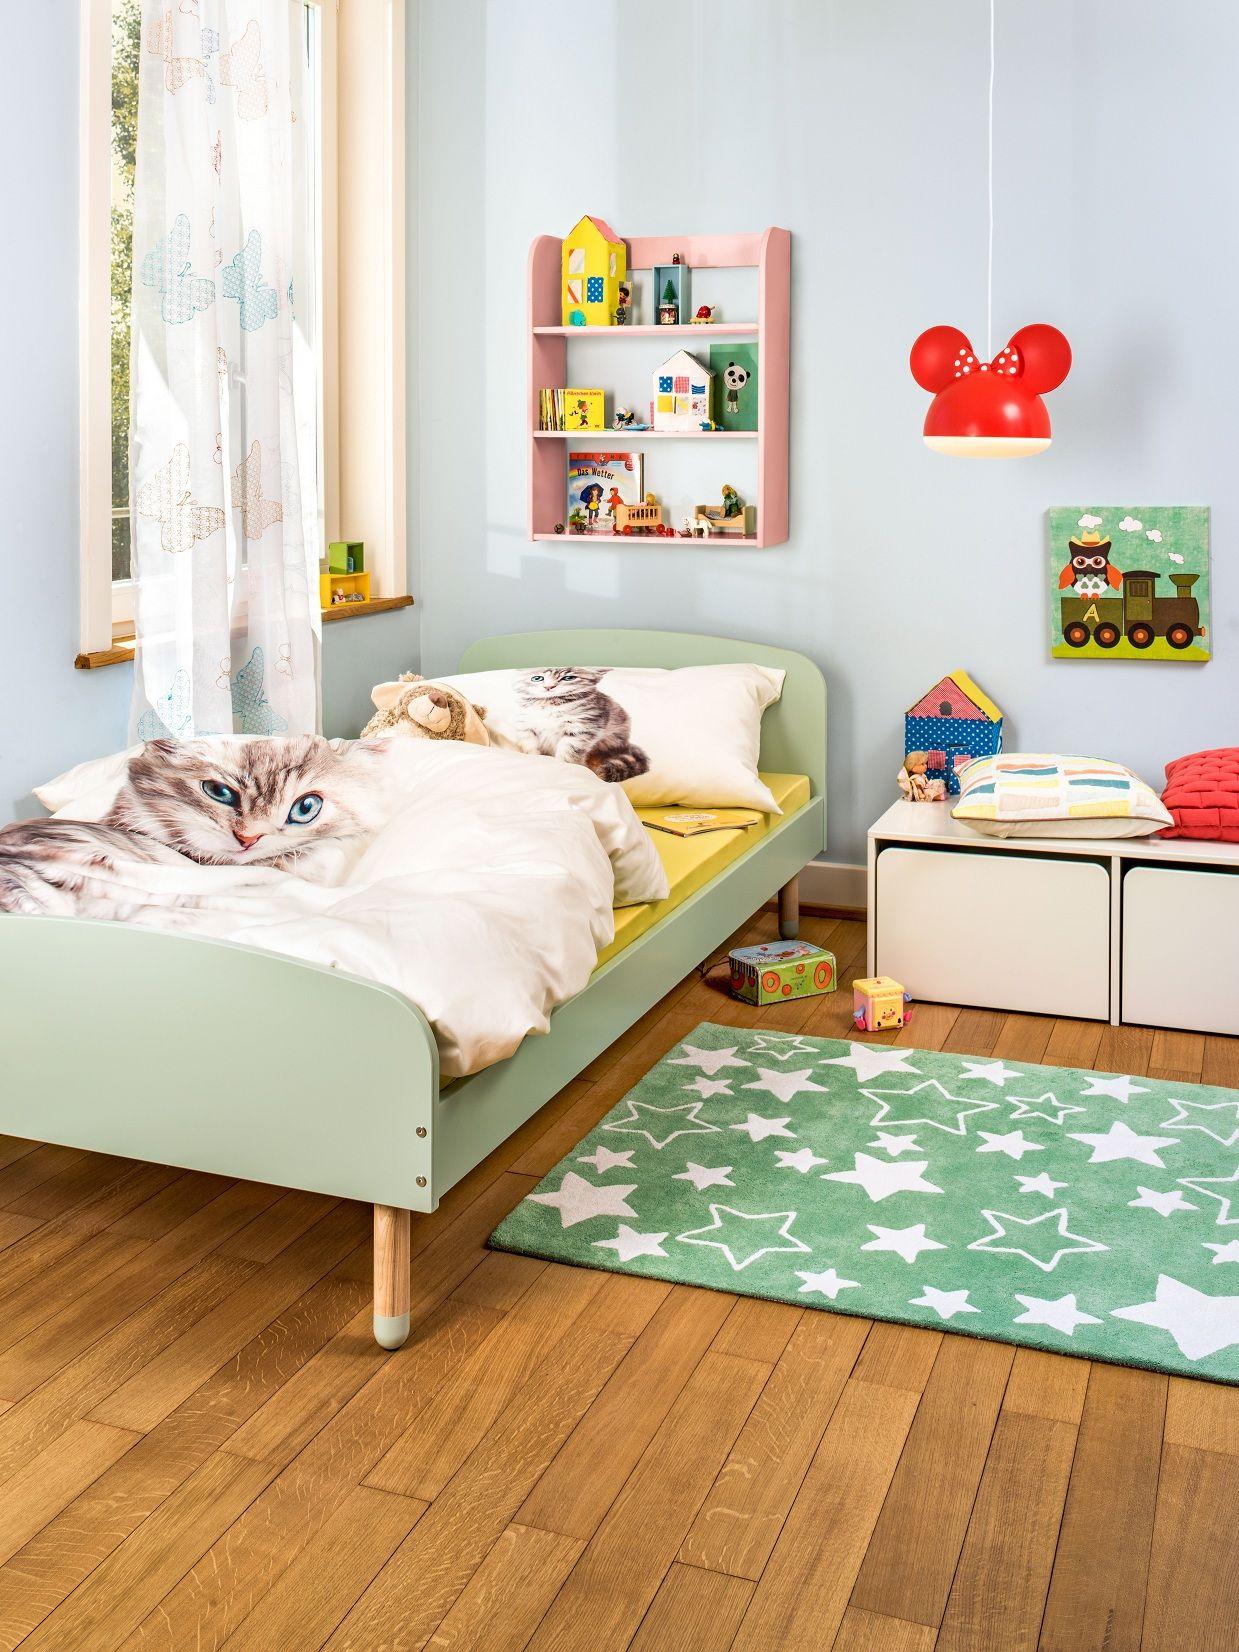 Flexa FLEXA PLAY Einzelbett | Kinderbetten Kaufen   Micasa.ch. ProgrammBett KinderzimmerFarbenSpielzimmerLissabonSchlafzimmer